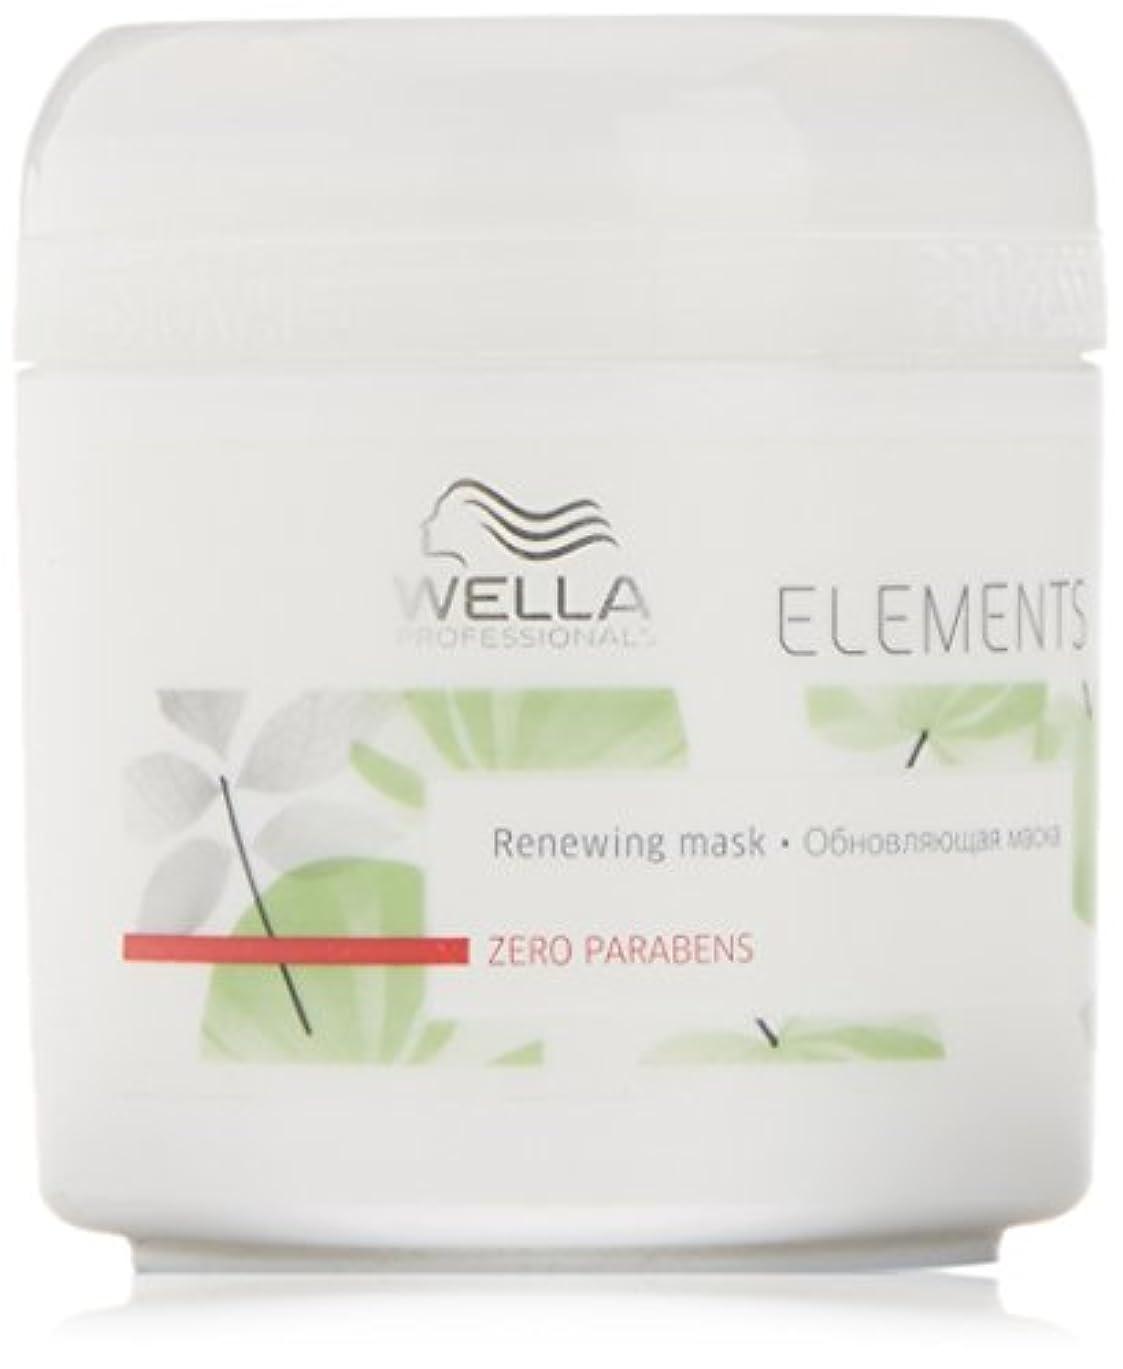 引き金近代化不条理ウエラ(WELLA) エレメンツ マスク 150ml